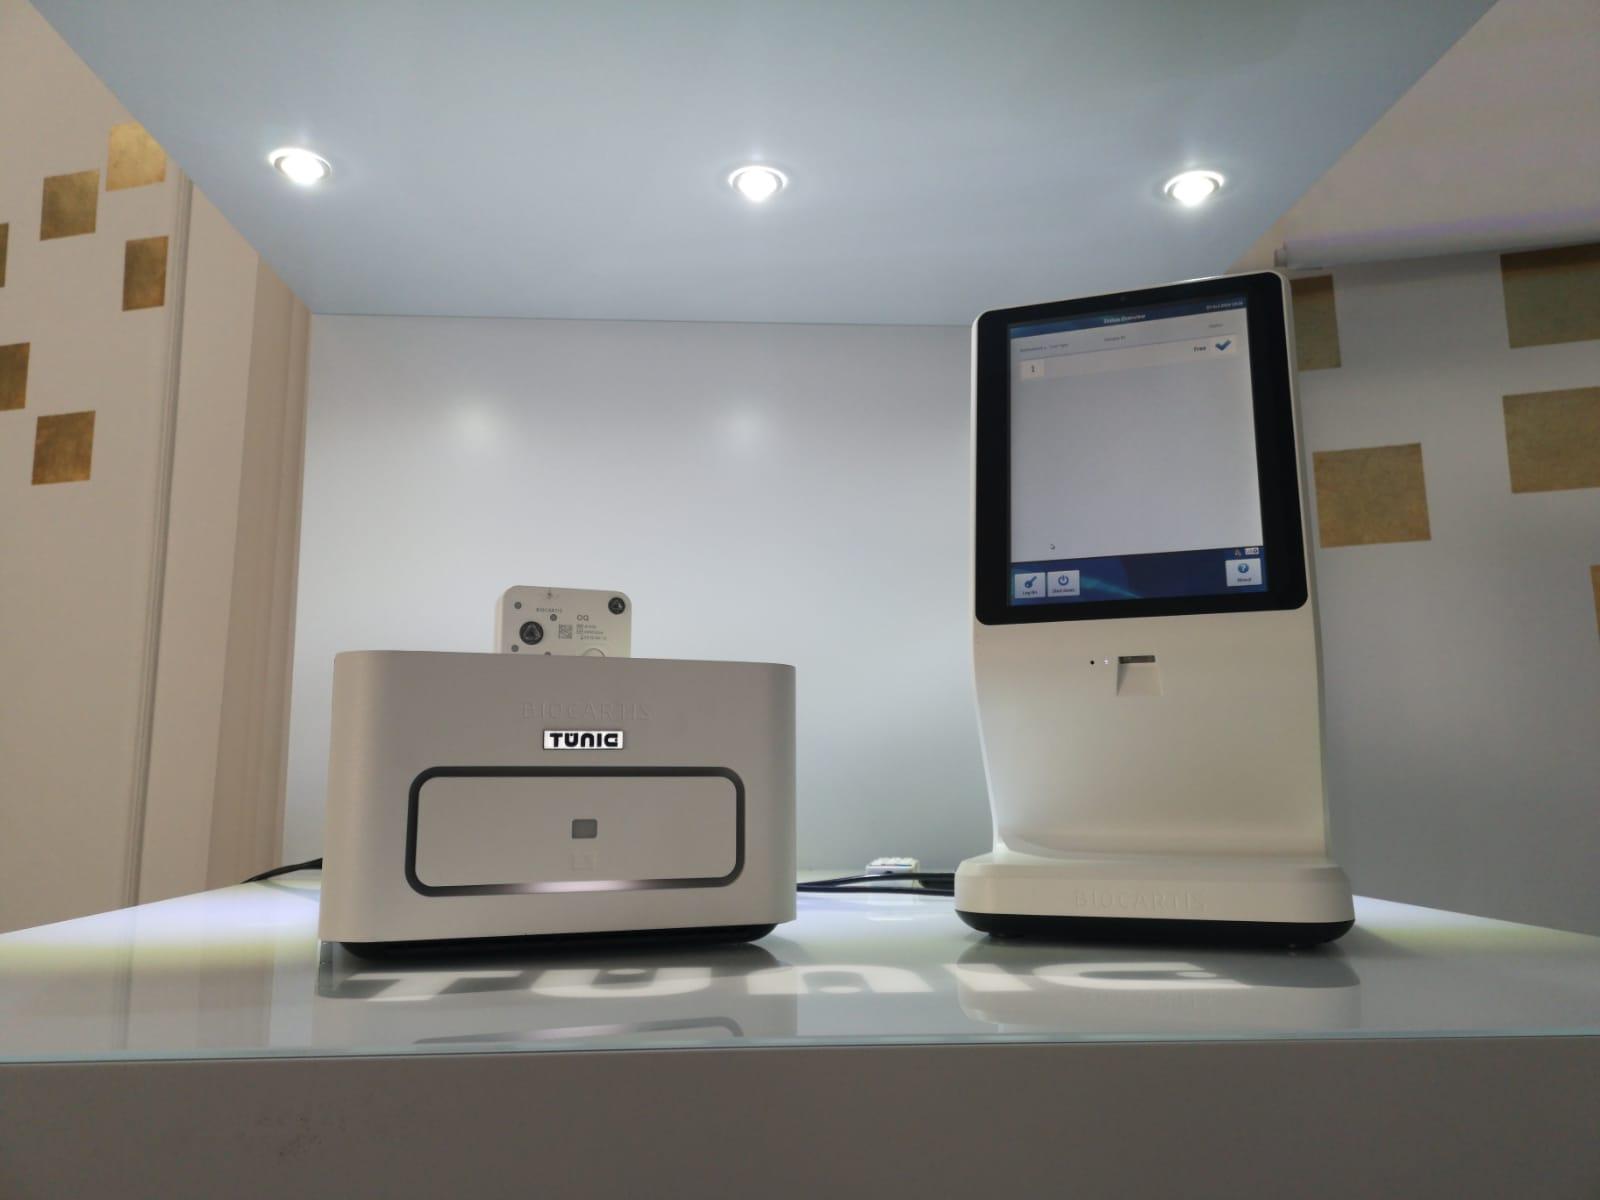 În Prahova a fost adus aparatul pentru depistarea precoce a cancerului